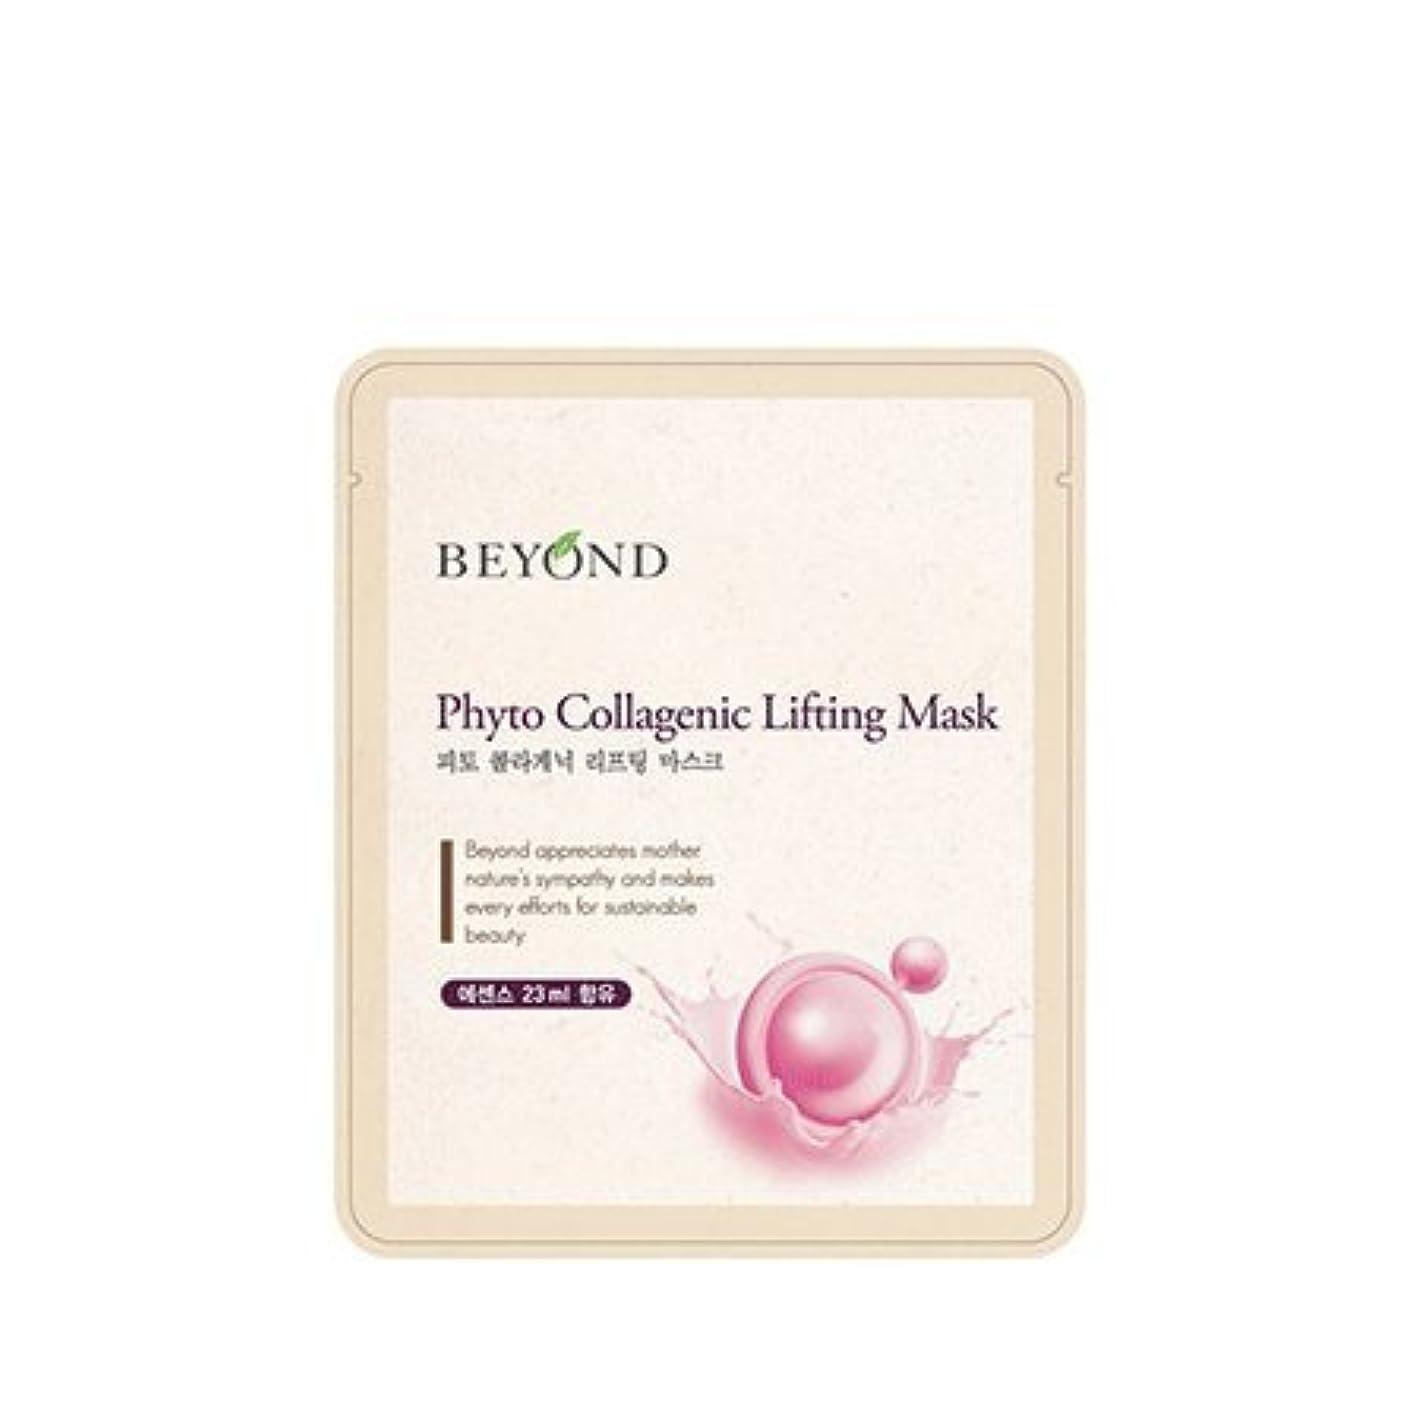 ゼリーモードリン忠実なBeyond mask sheet 5ea (Phyto Collagenic Lifting Mask)